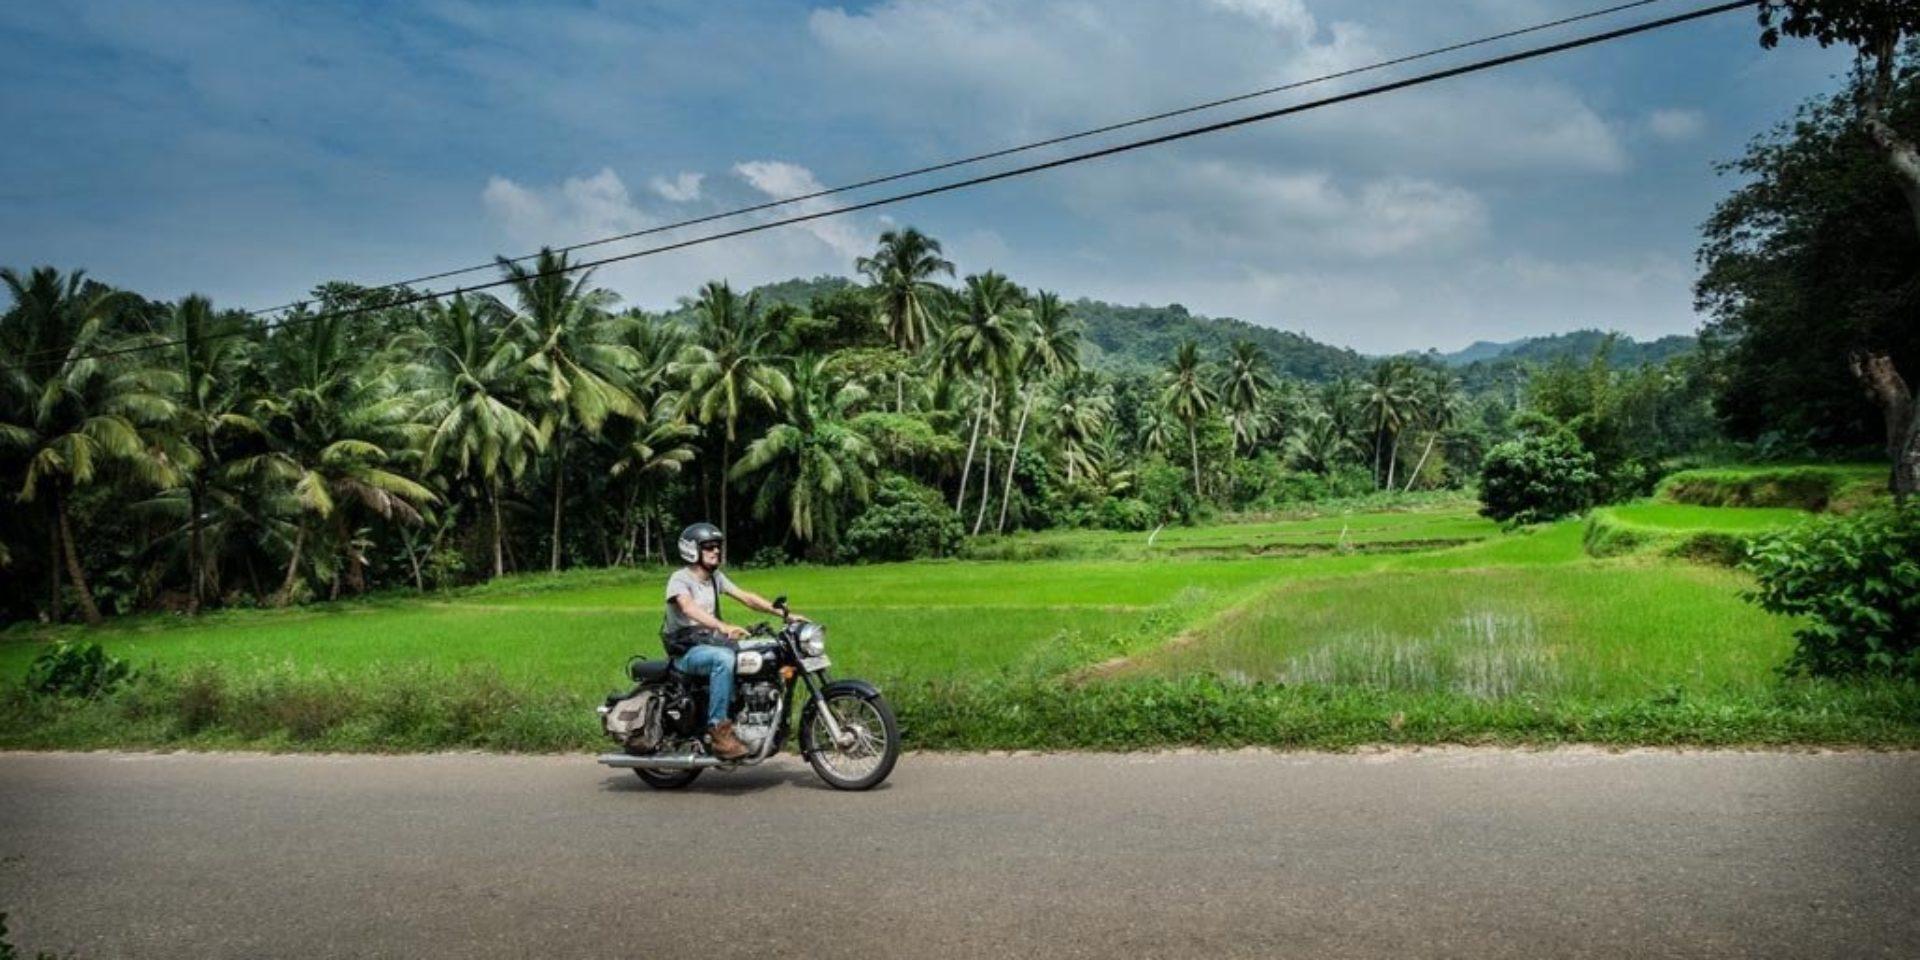 Motorrad-Roadtrip Sri Lanka - Das weiße Gold von Ceylon